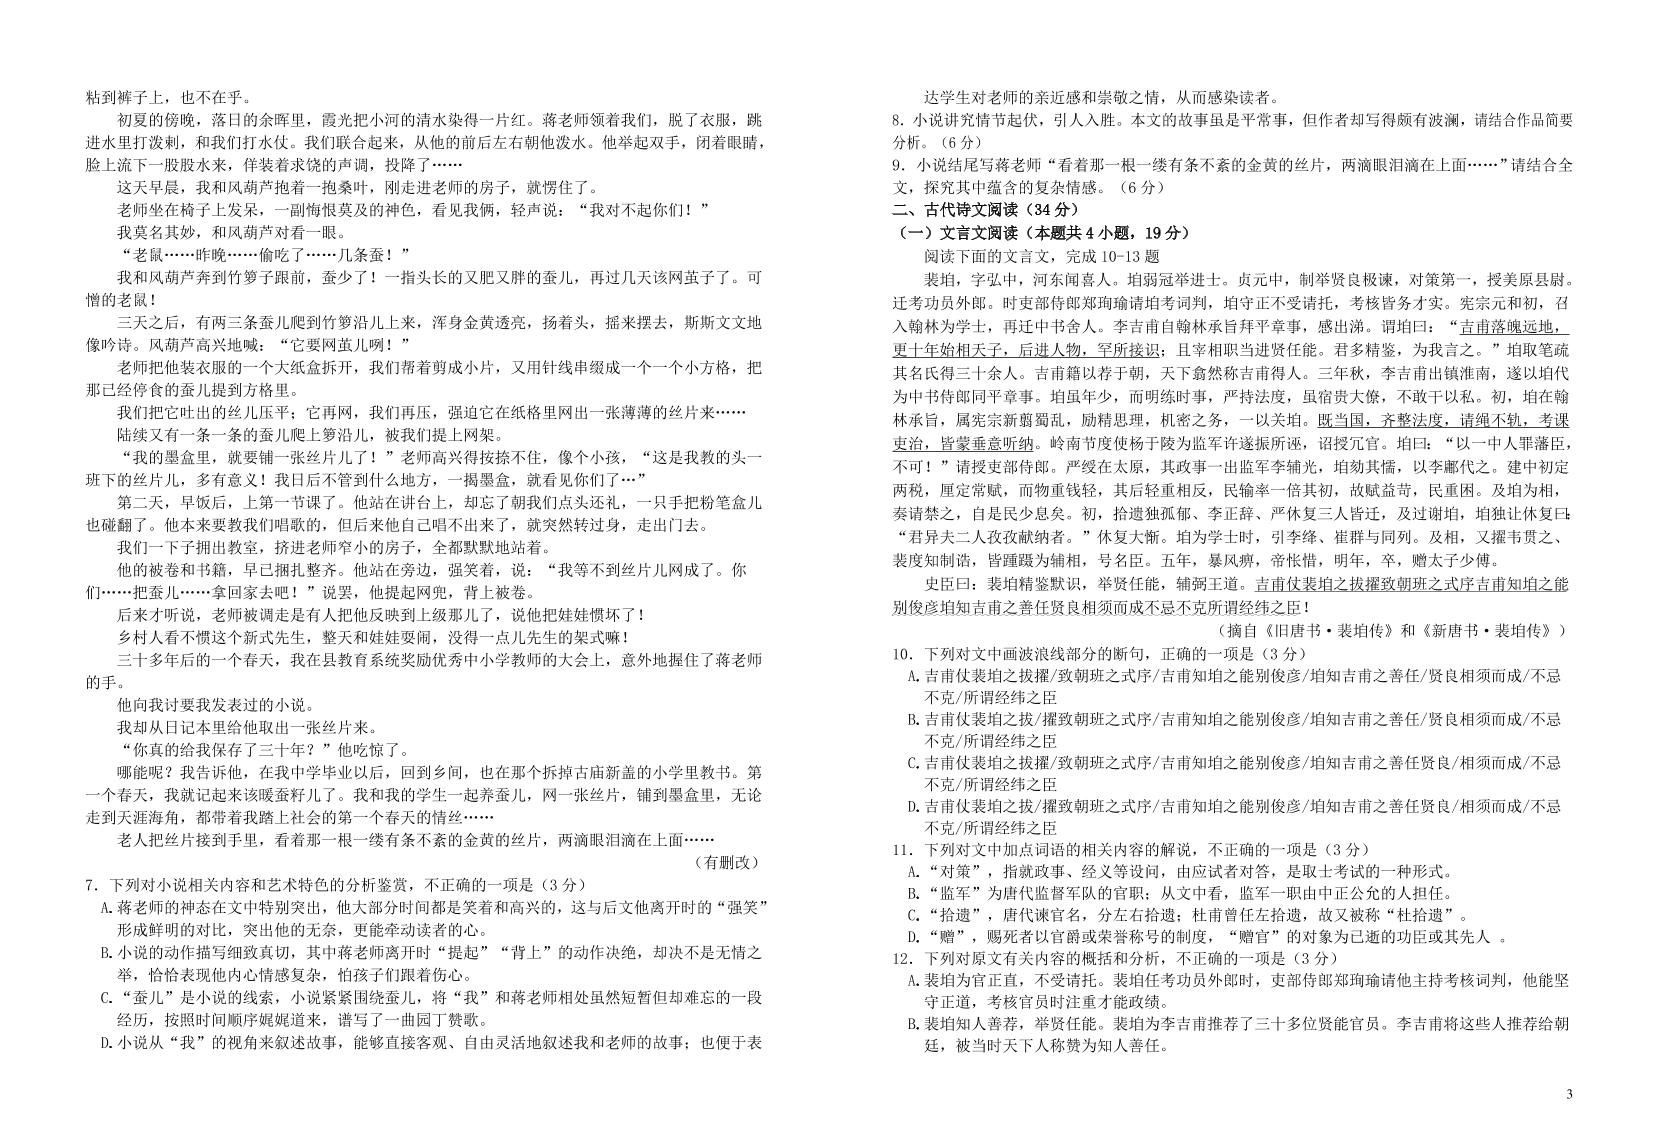 江西省贛州市十五縣(市)十六校2021屆高三語文上學期期中聯考試題